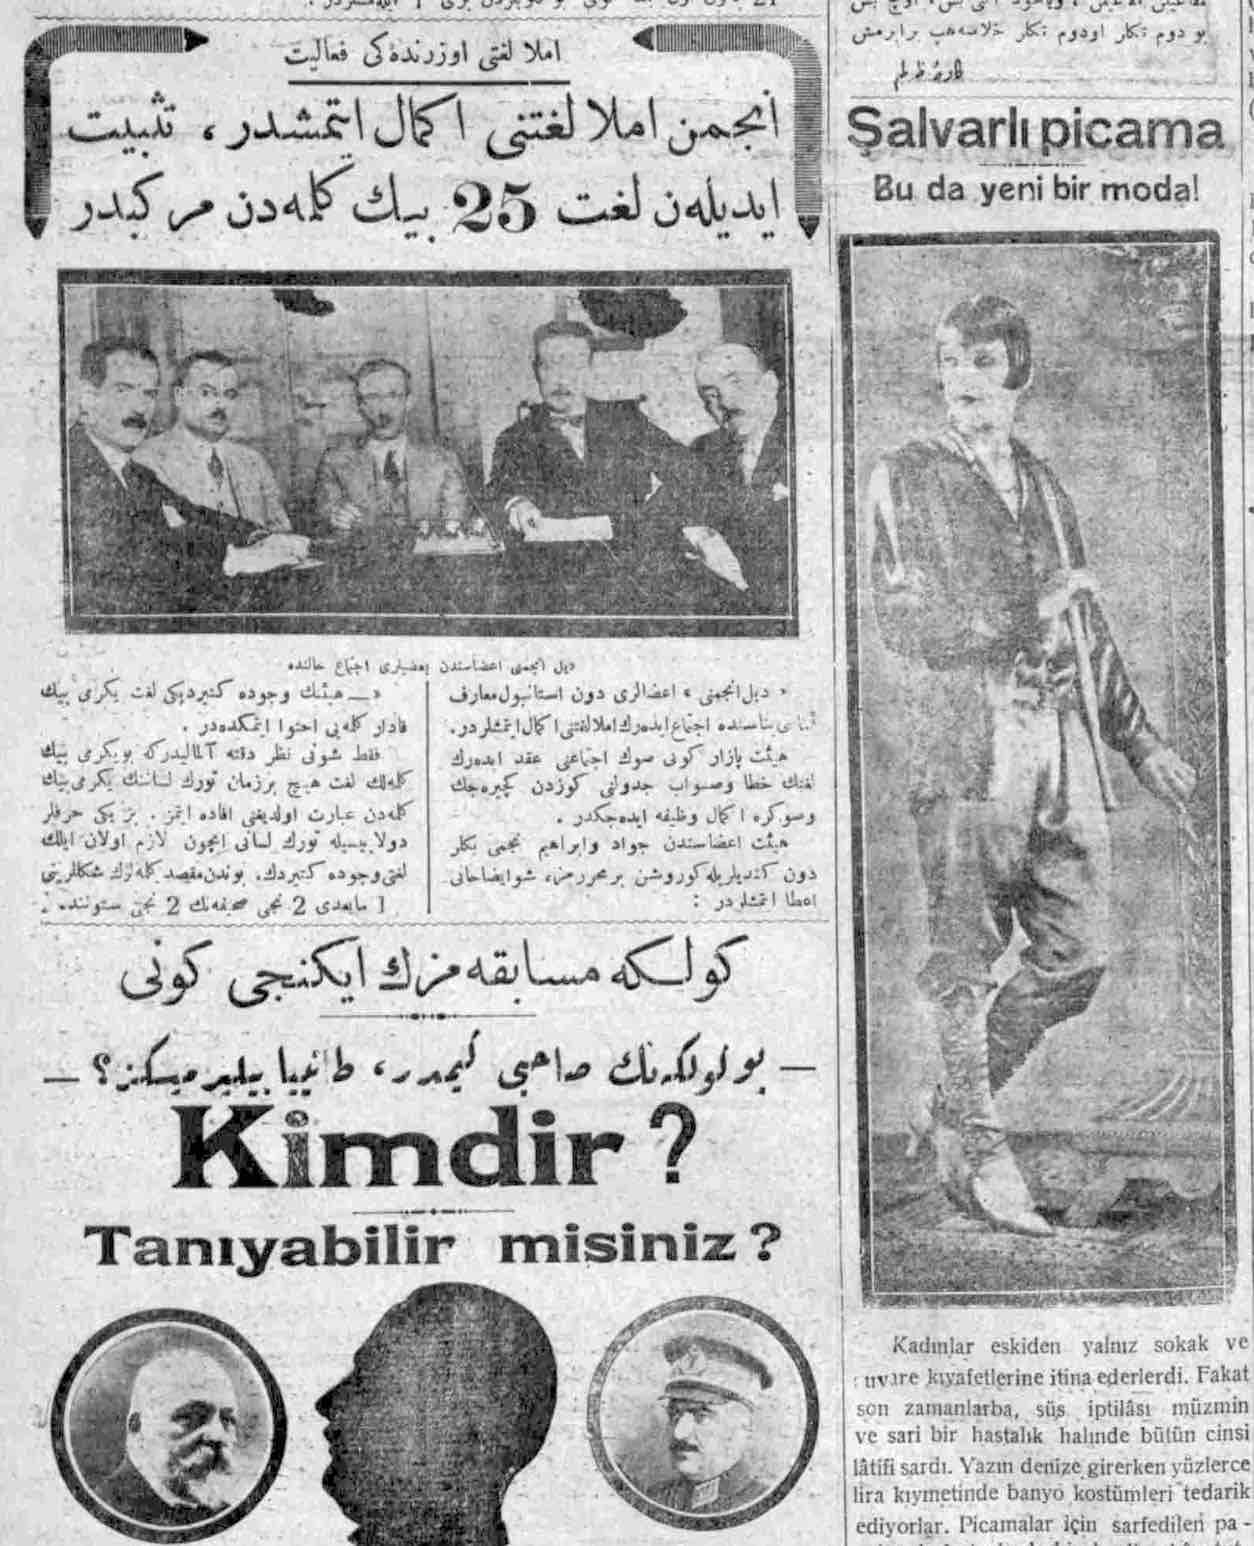 Cumhuriyet #1638 29 t.sani 1928, p.1